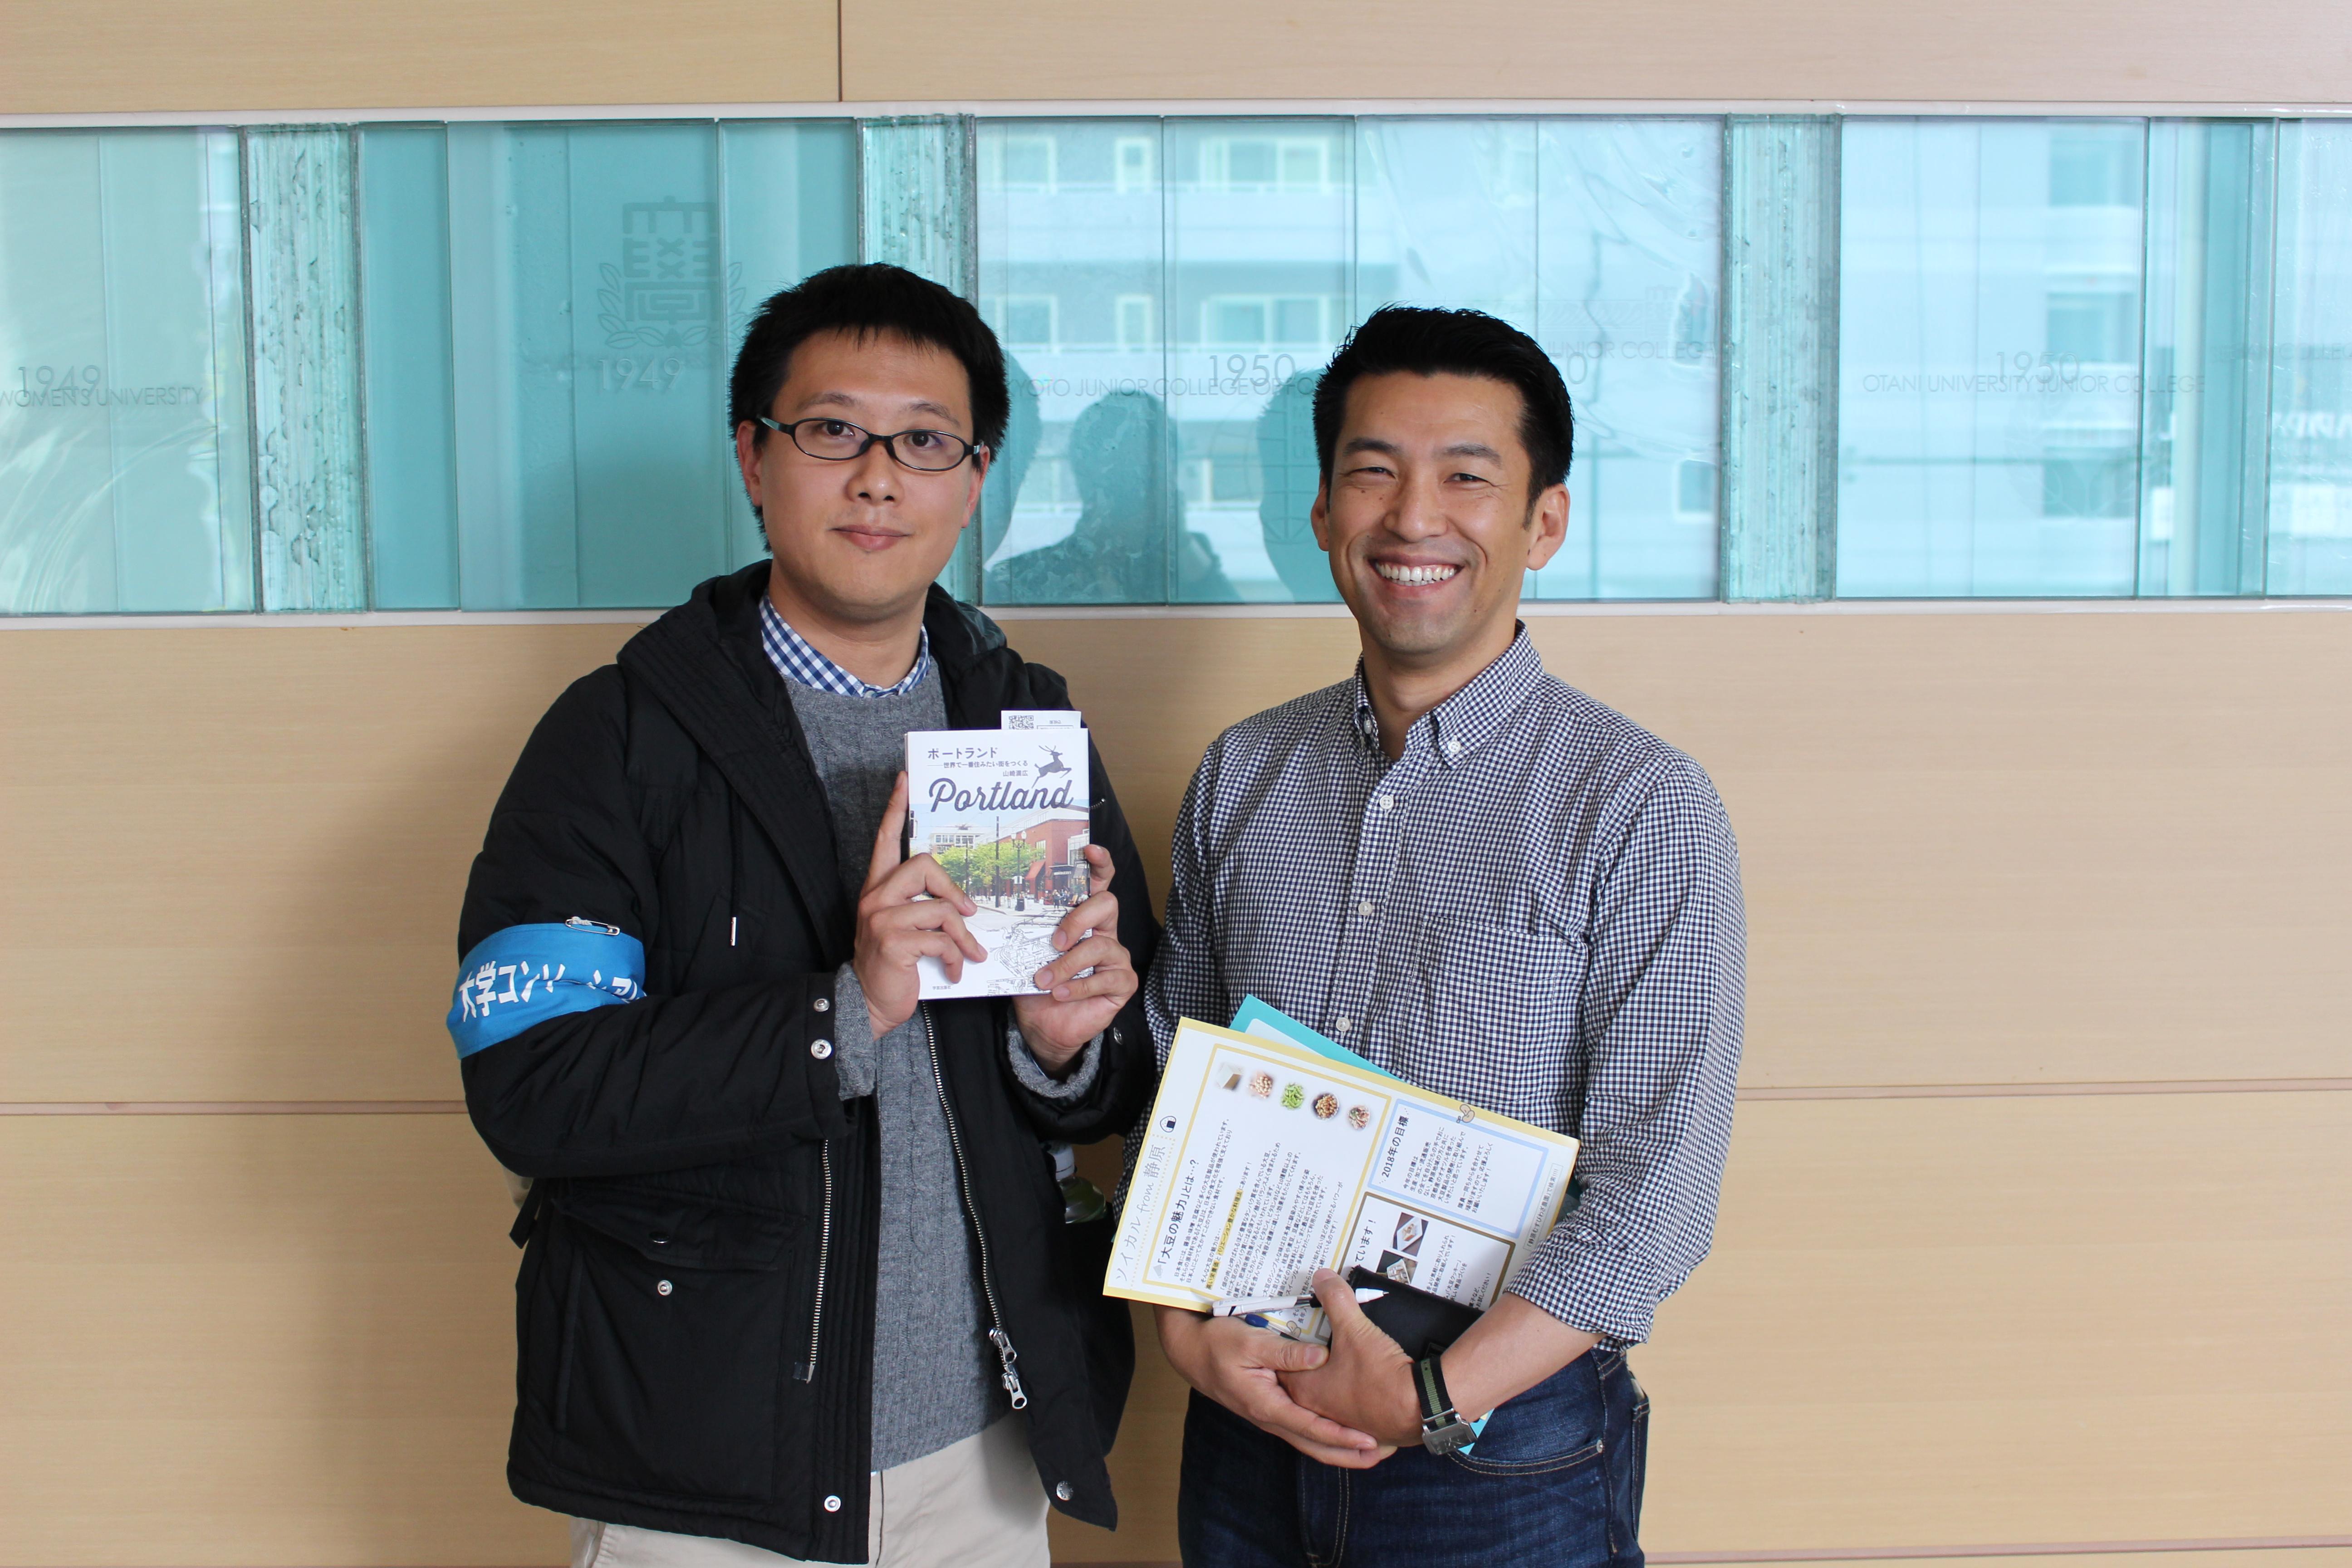 君も京都を動かせる!?「大学・地域連携サミット」で京都のミライを考えてみた